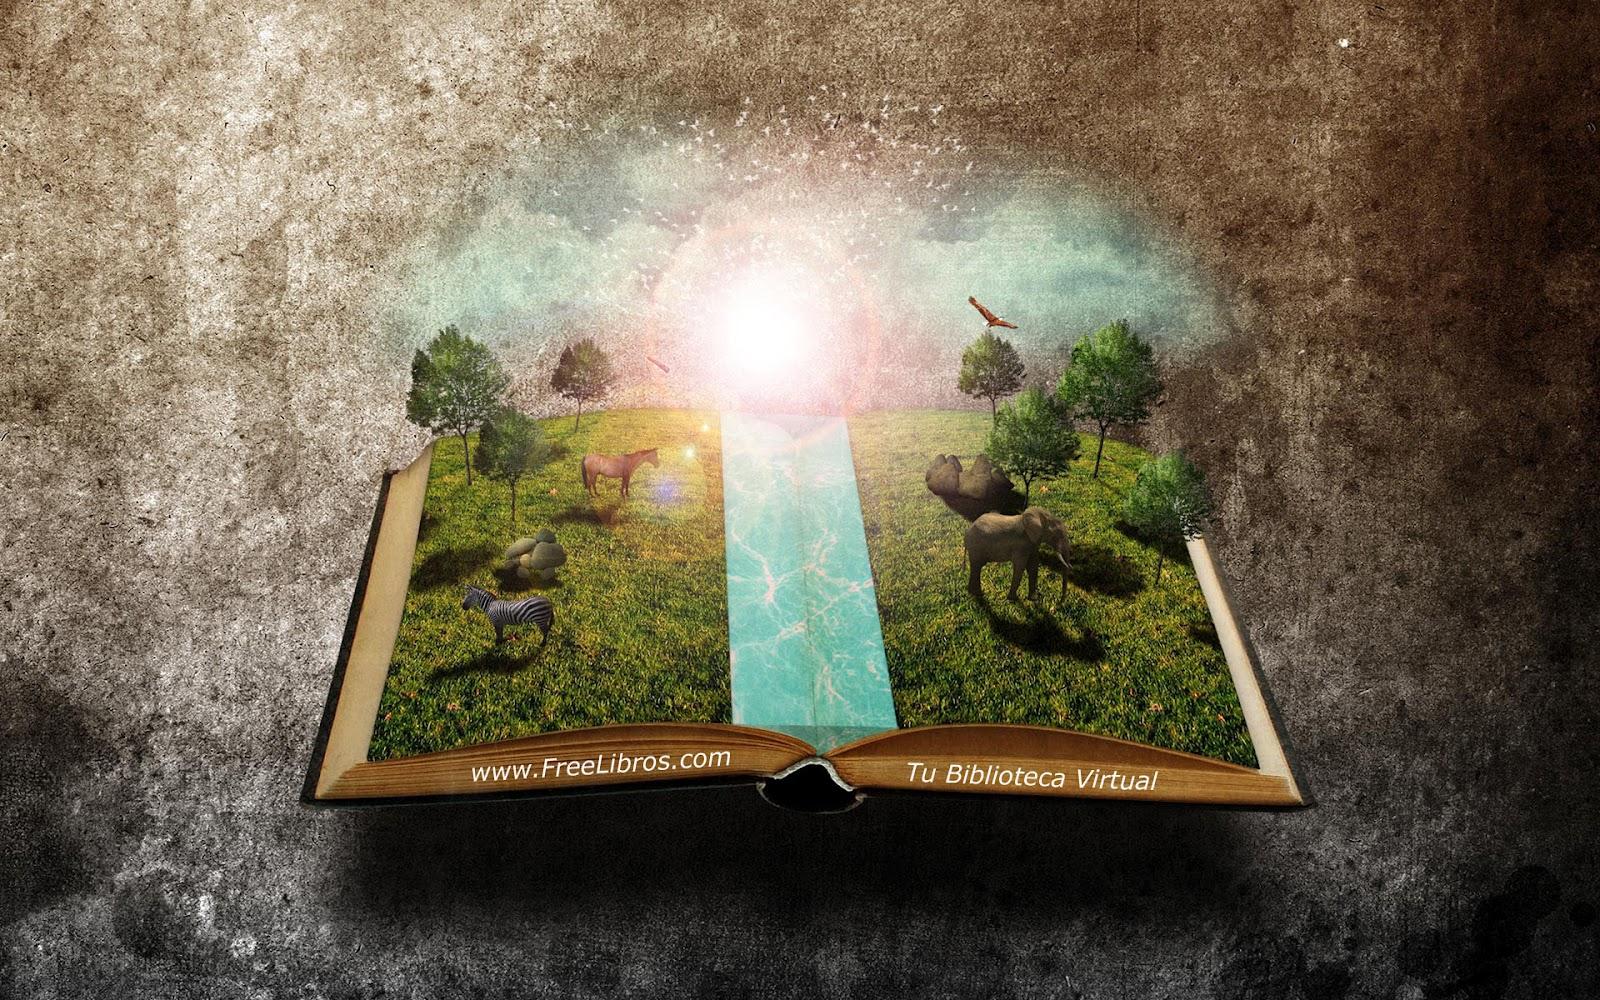 http://4.bp.blogspot.com/-gCaWciH1vlM/UGTKooVNmGI/AAAAAAAAAC4/SHaaZLsbh3E/s1600/Wallpapers+Free+Libros.jpg